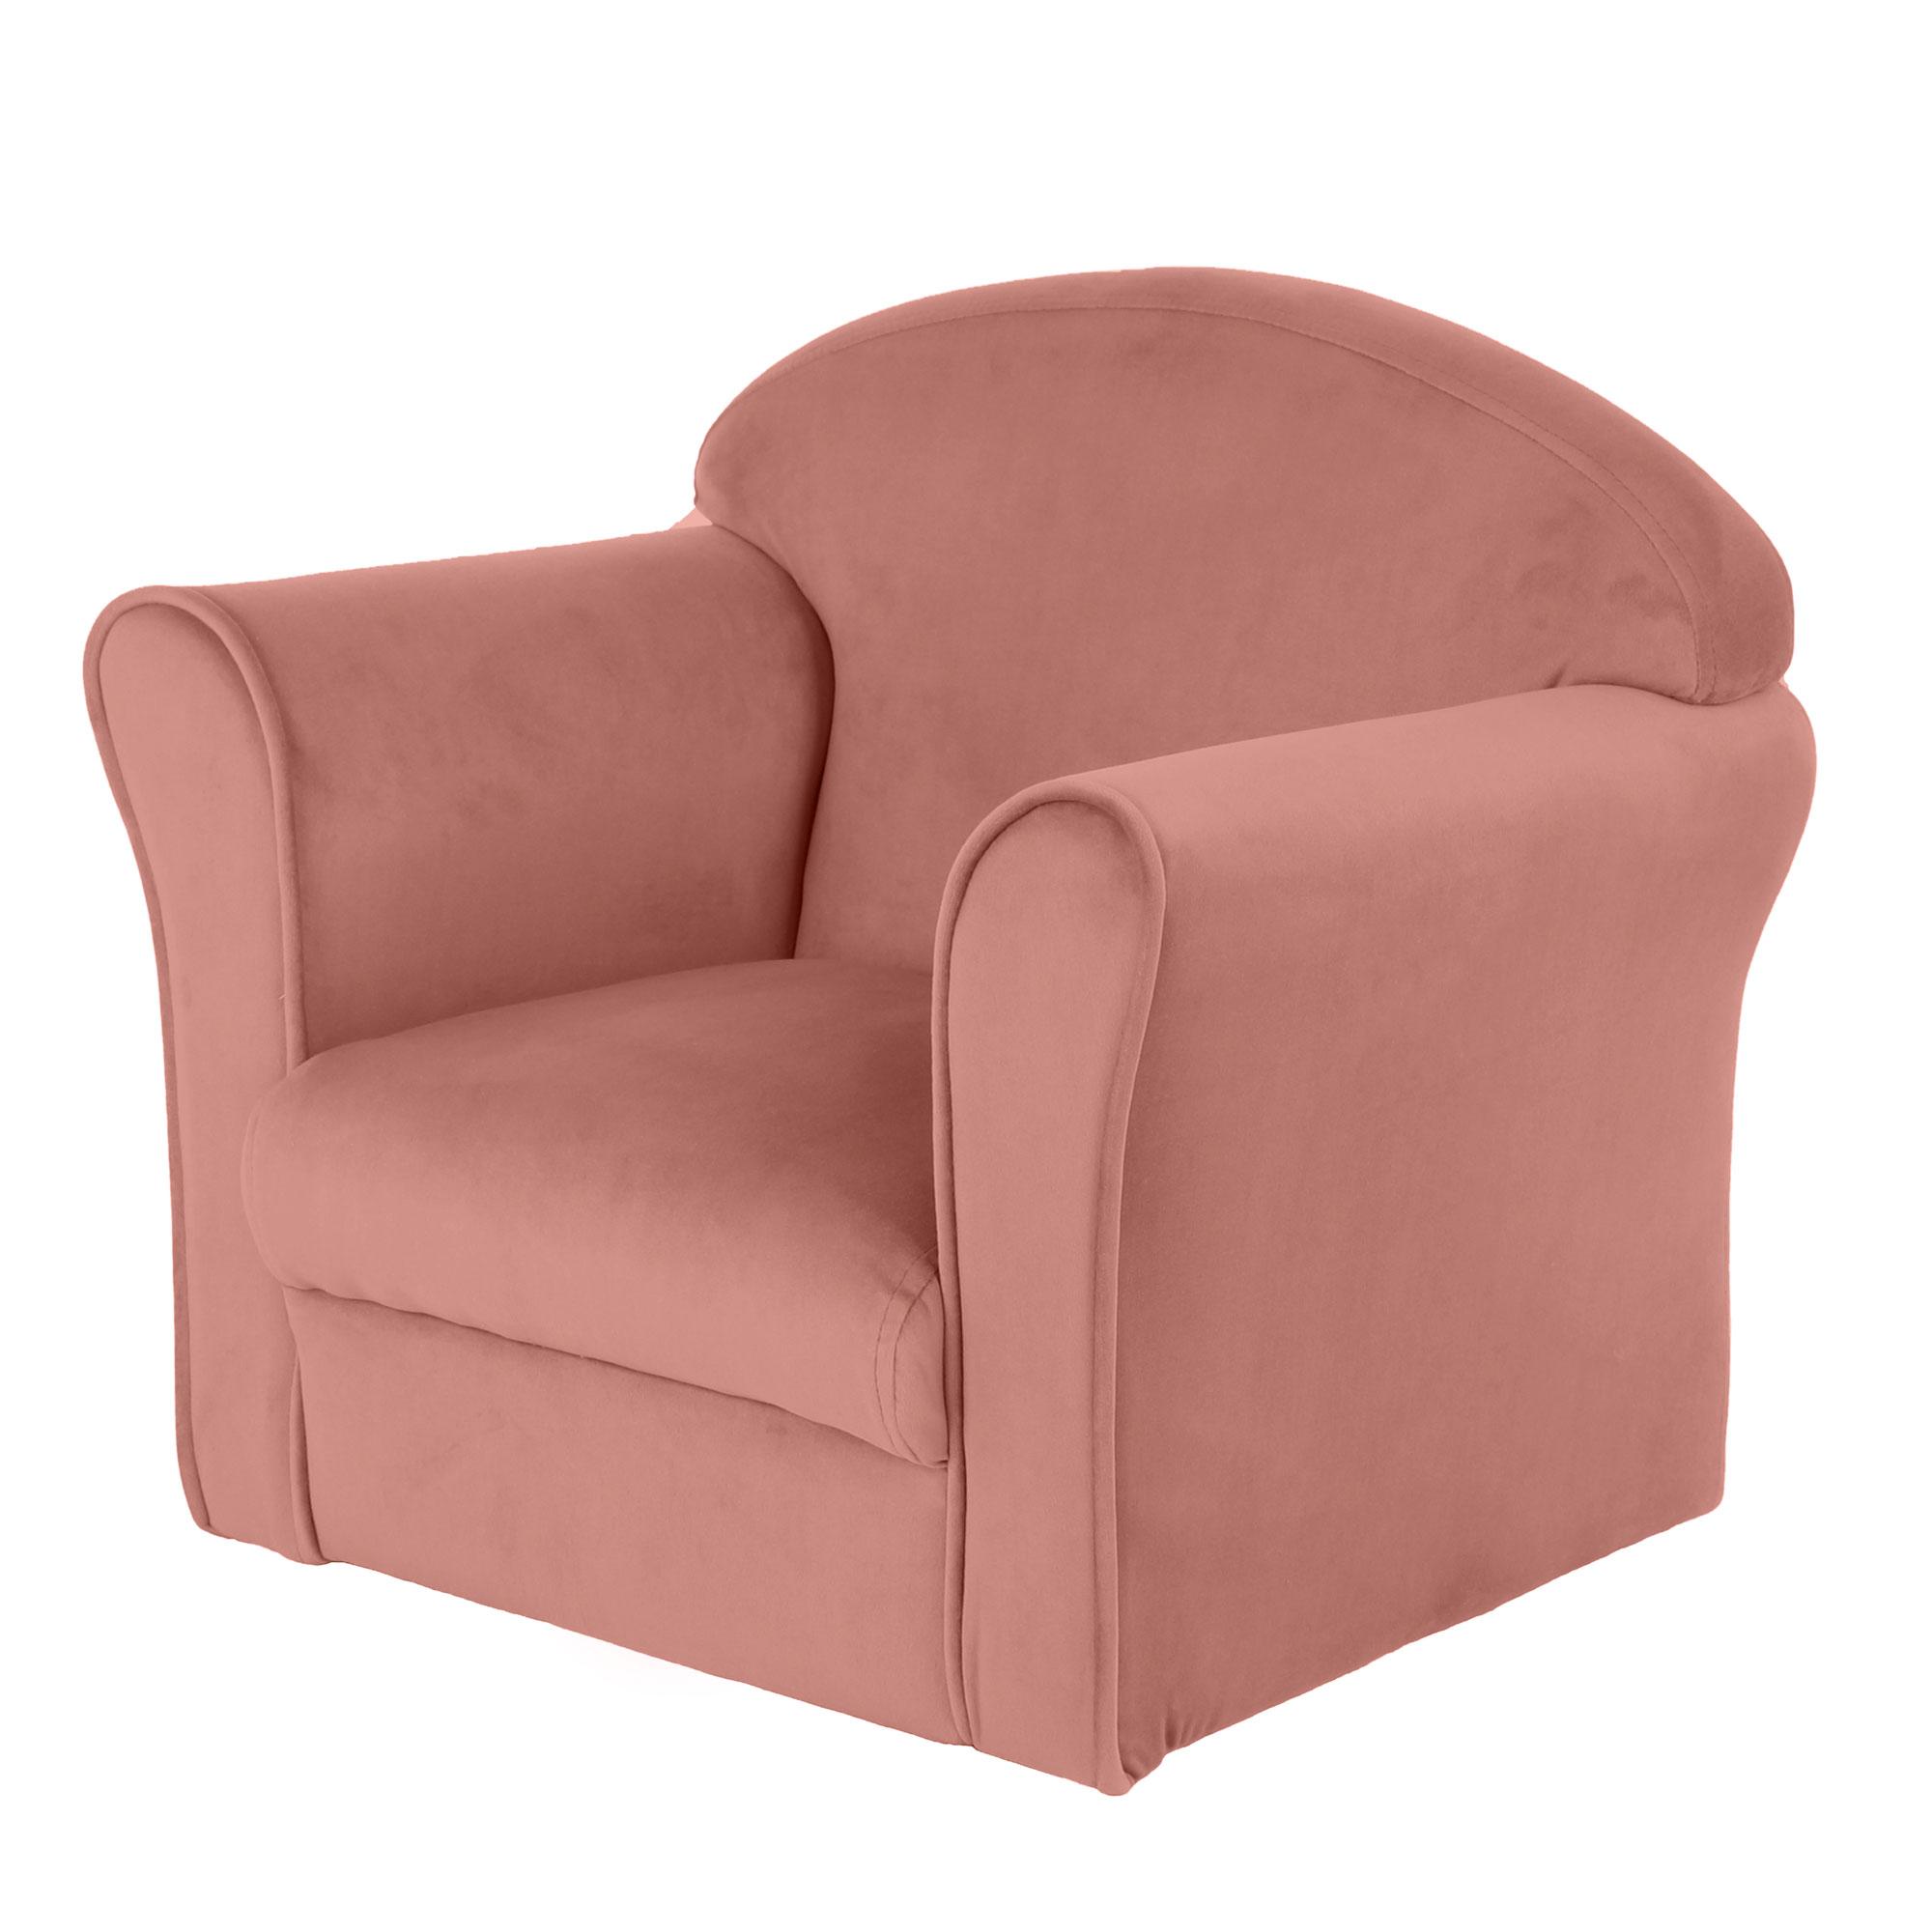 Verwonderend Roze kinderkamer stoel kopen?   Kinderstoelen   kameraankleden.nl GV-06